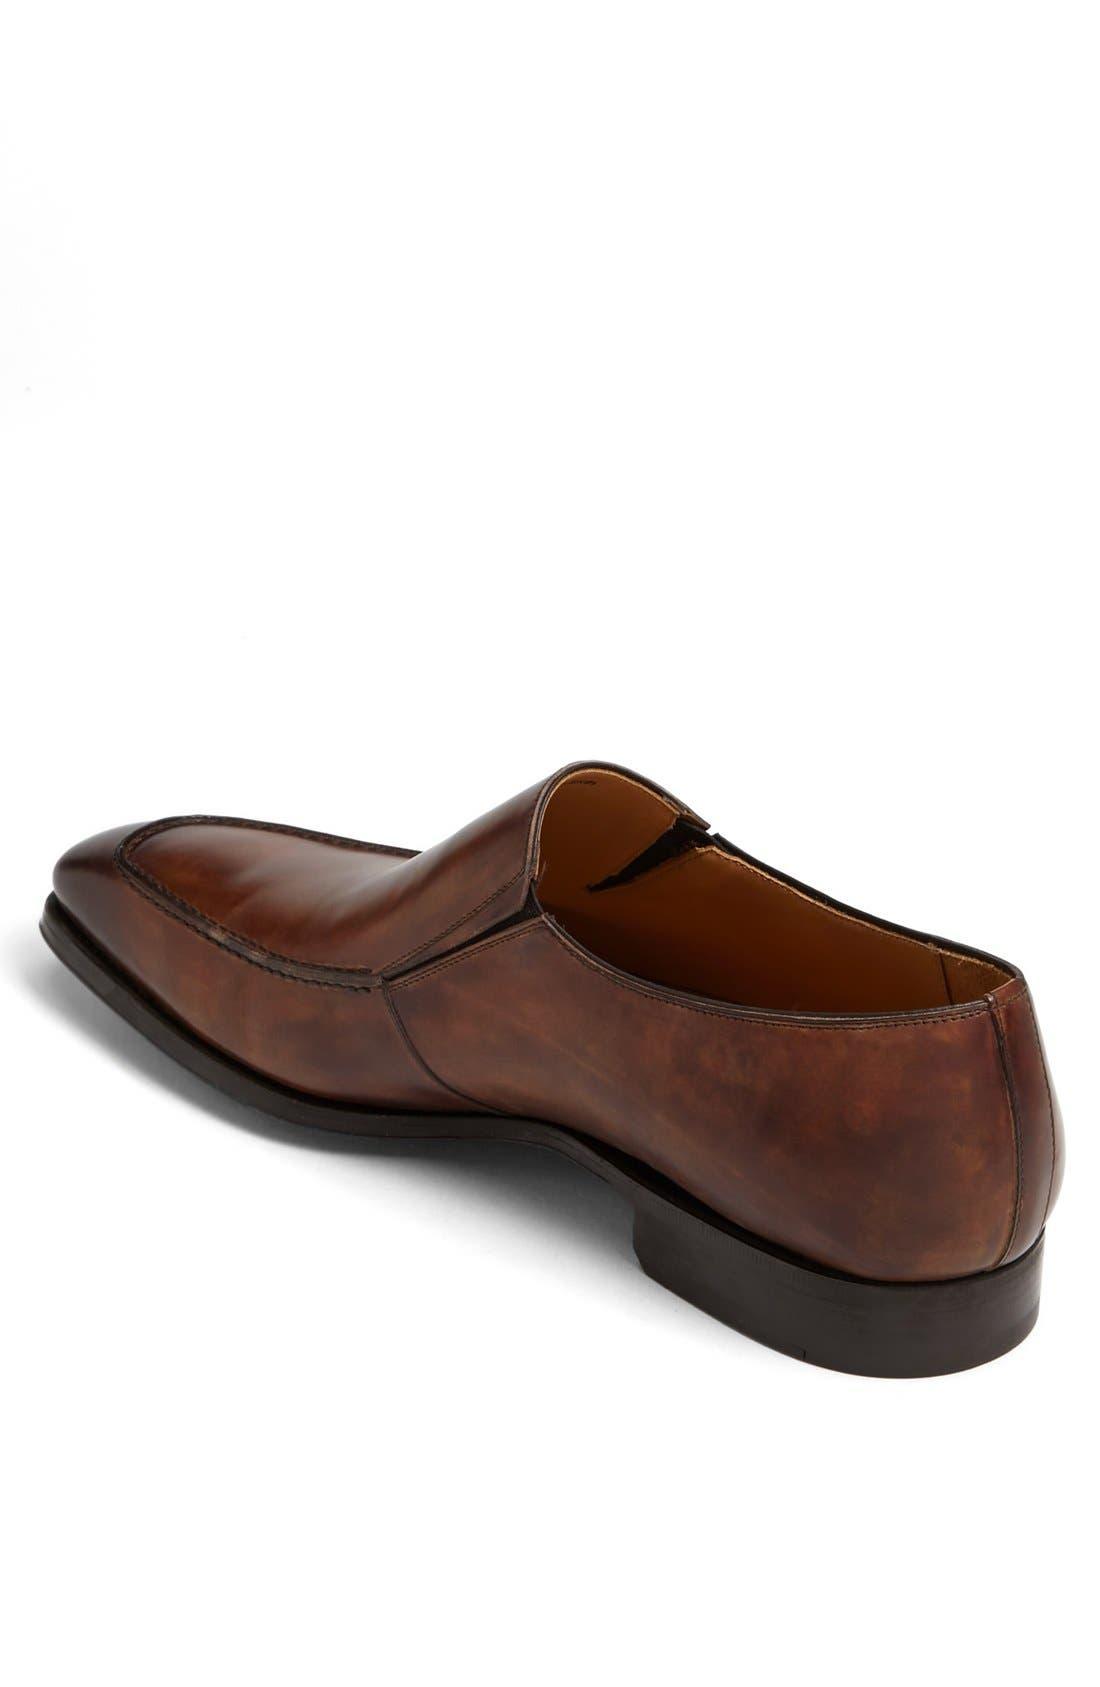 Alternate Image 2  - Magnanni 'Leo' Venetian Loafer